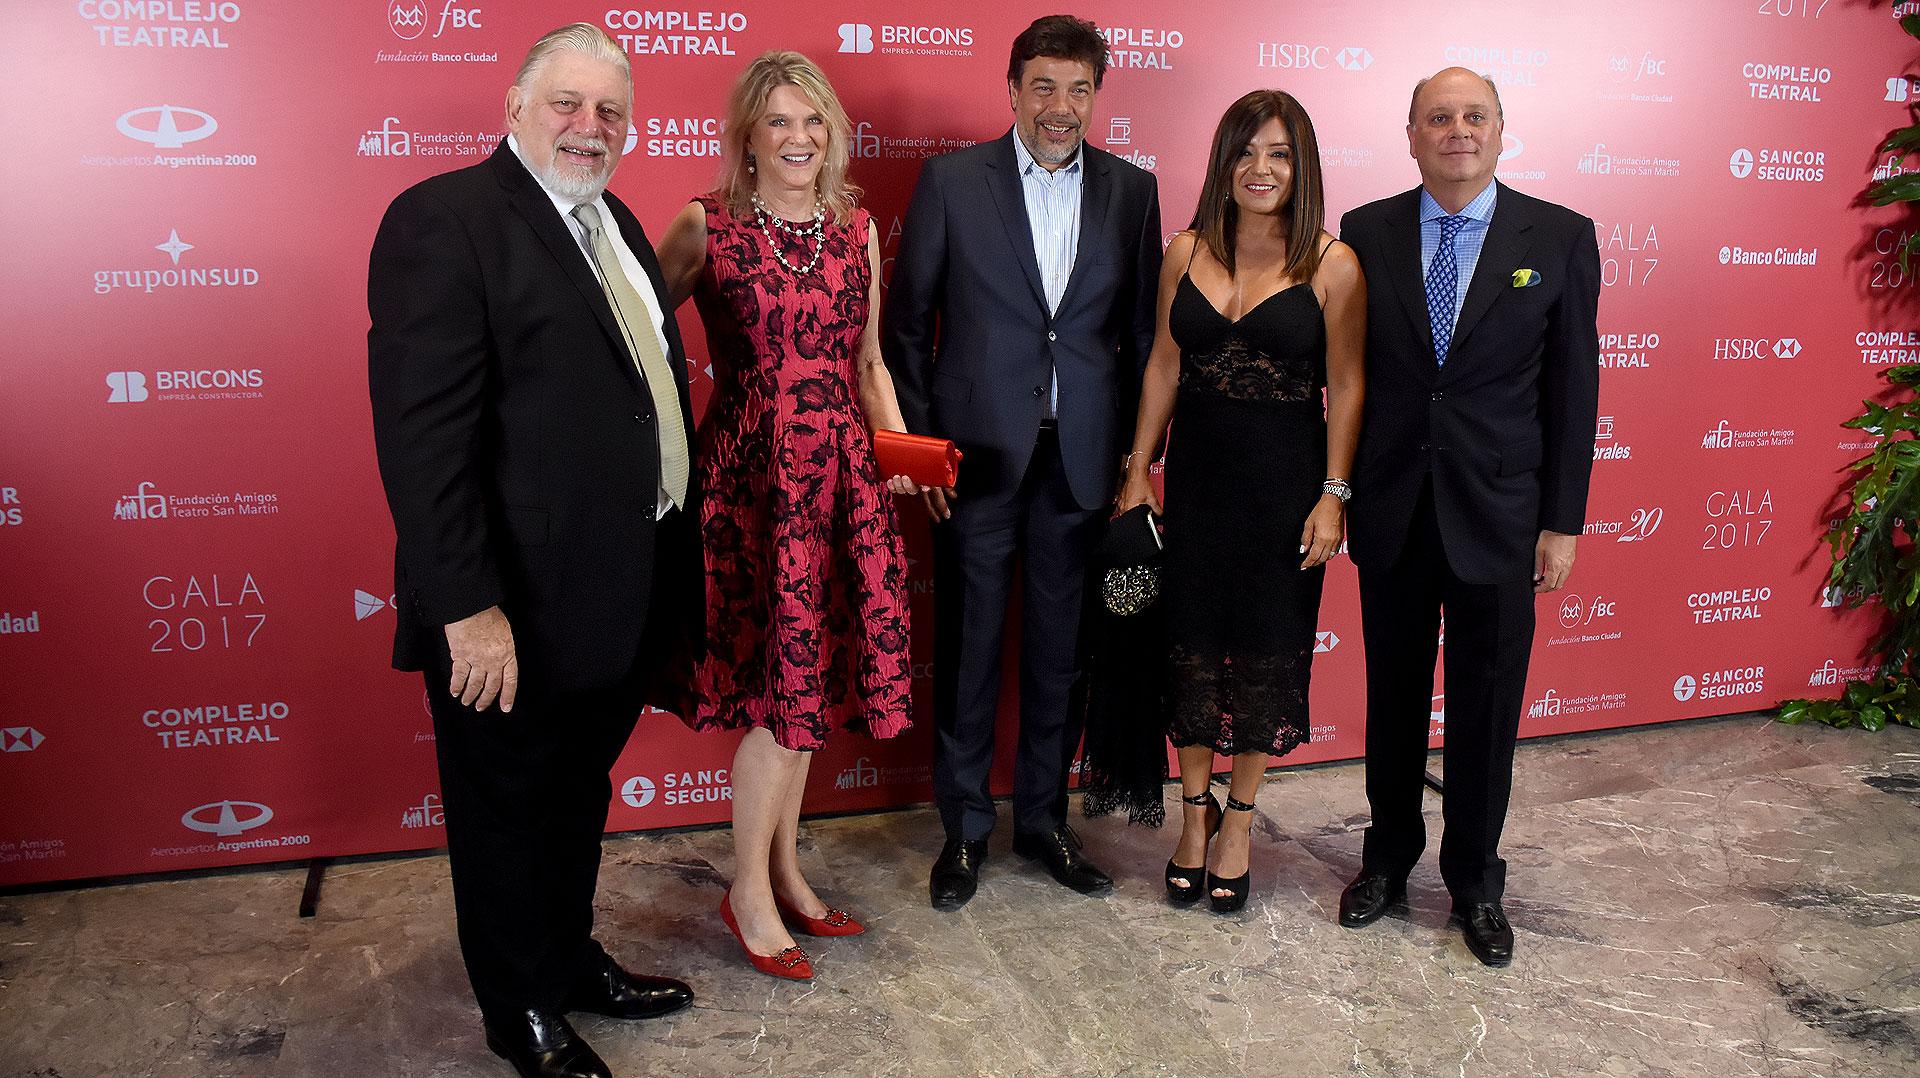 Adrián Werthein, Eva Thesleff de Soldati, Darío Werthein, Cecilia Nobili de Werthein y Martín Cabrales